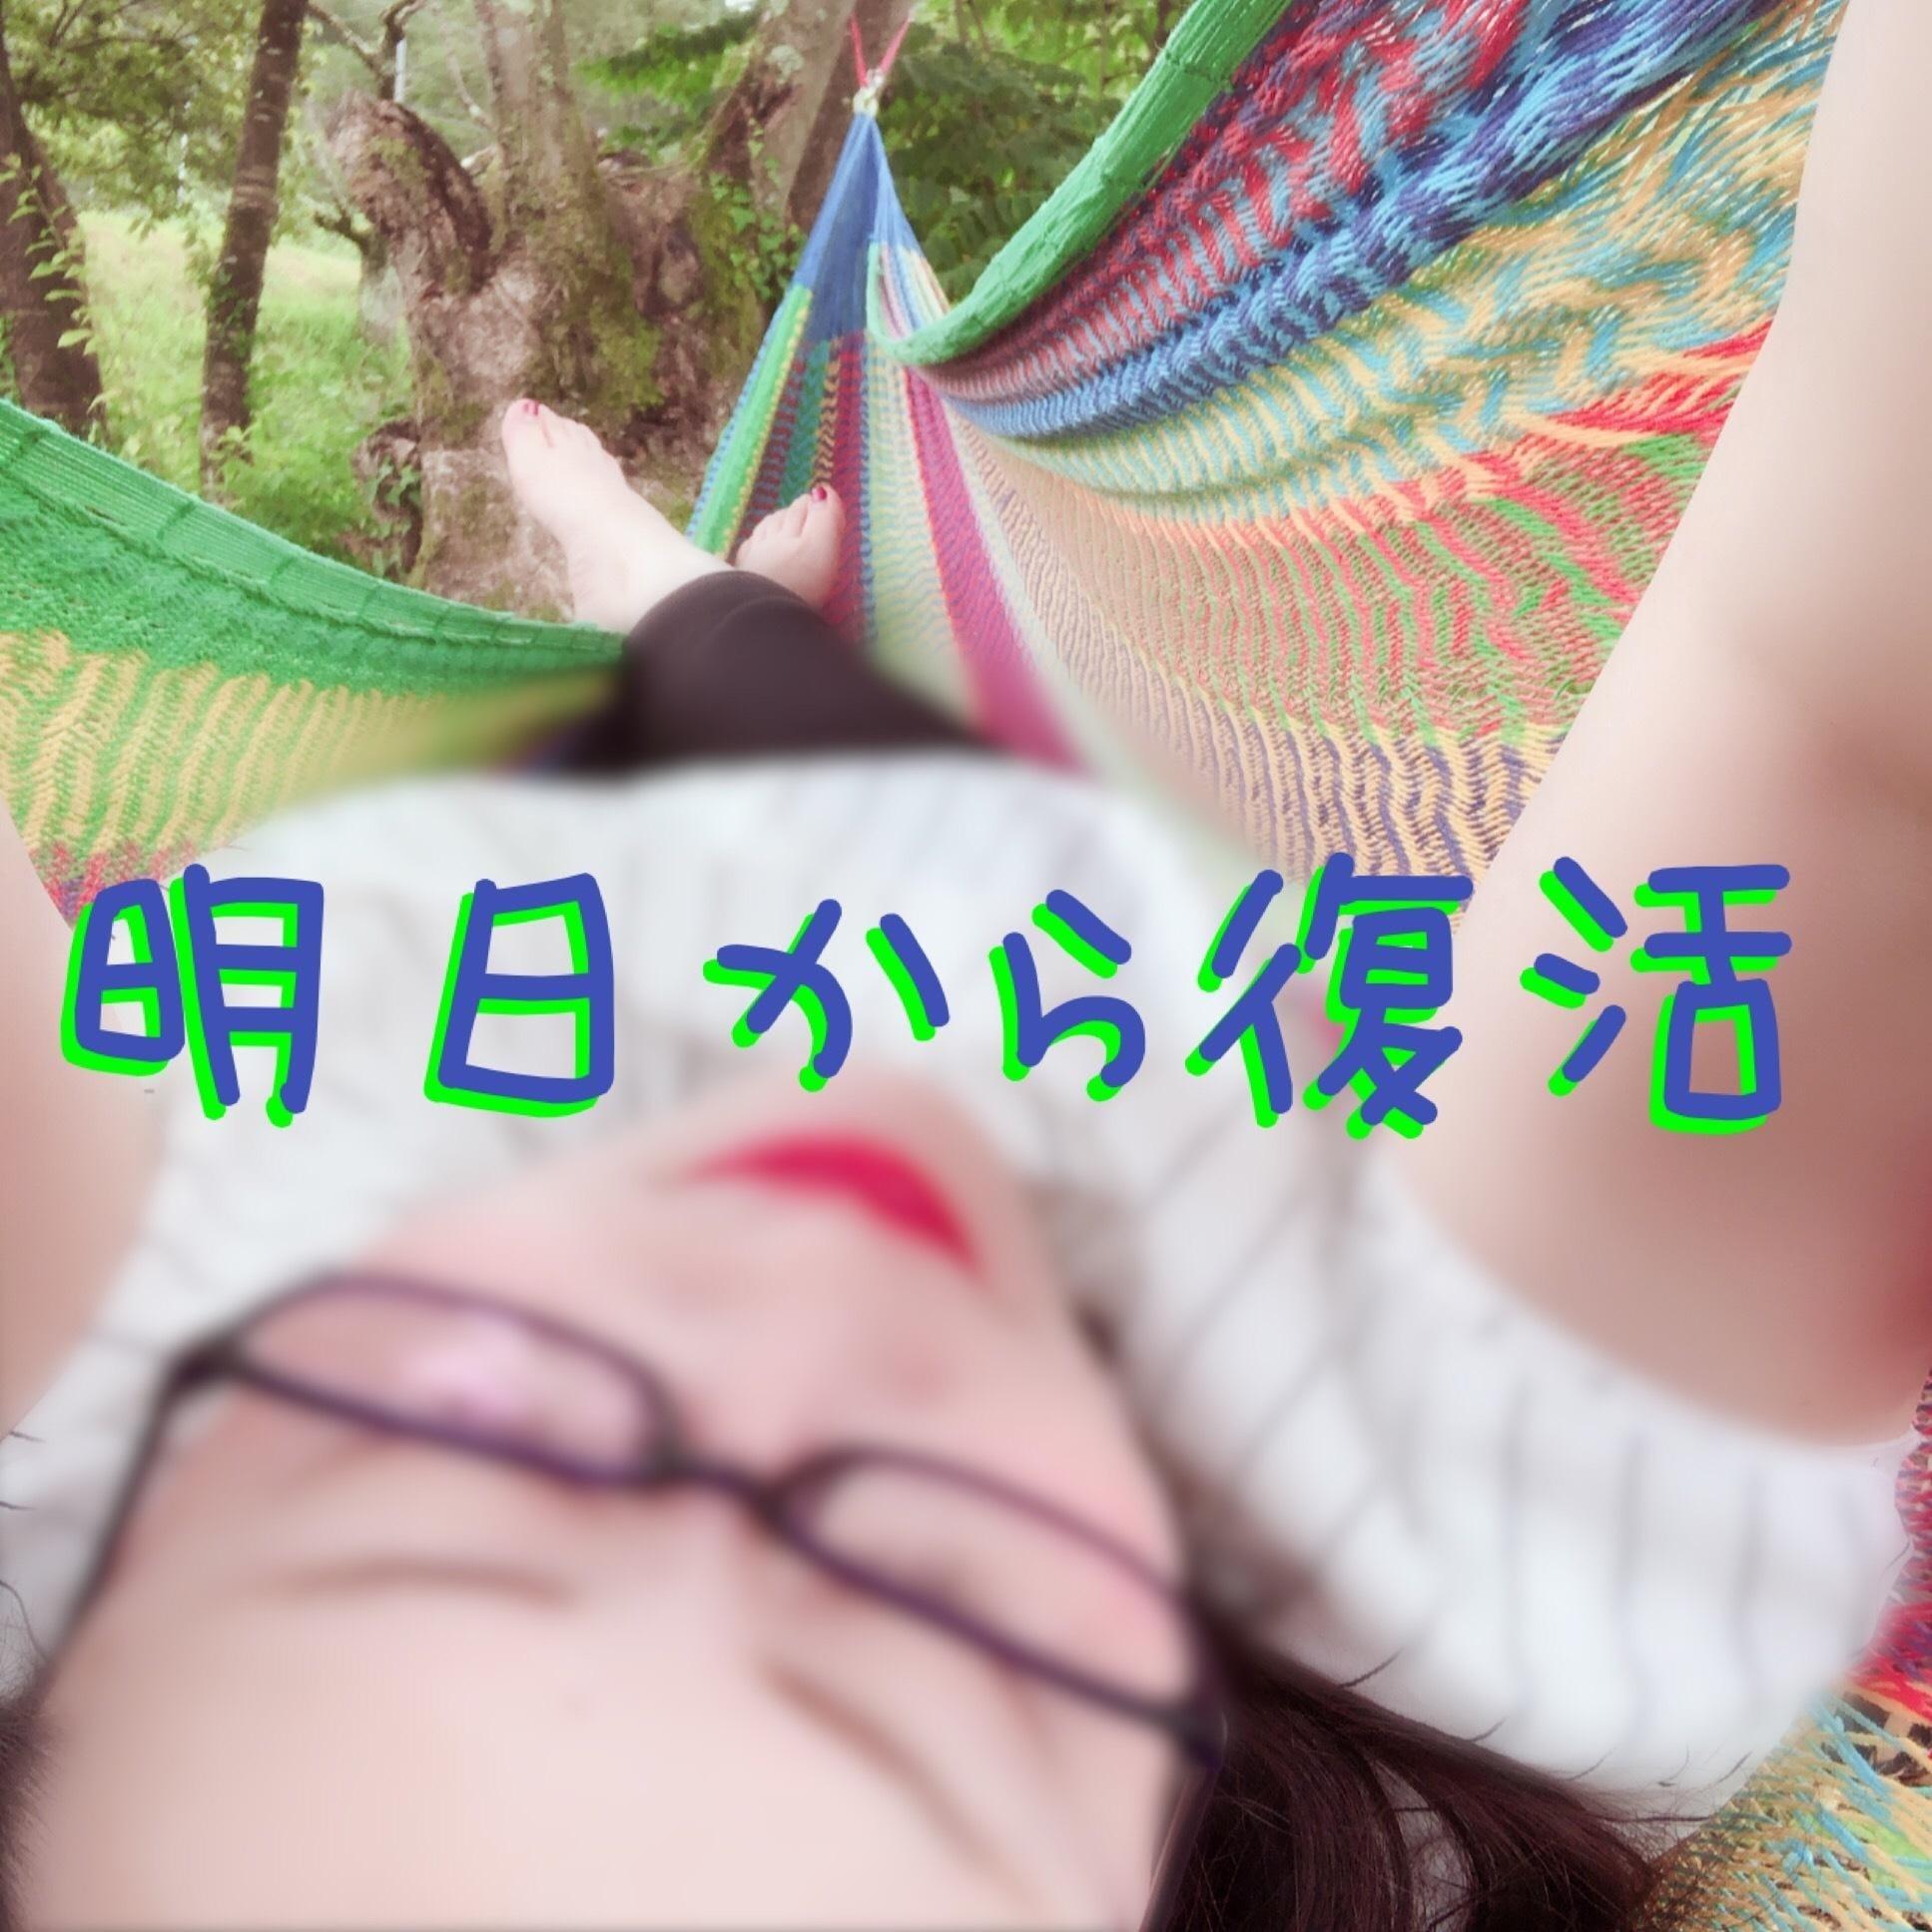 まみ「ぷら日記?復活!」08/19(日) 07:19 | まみの写メ・風俗動画